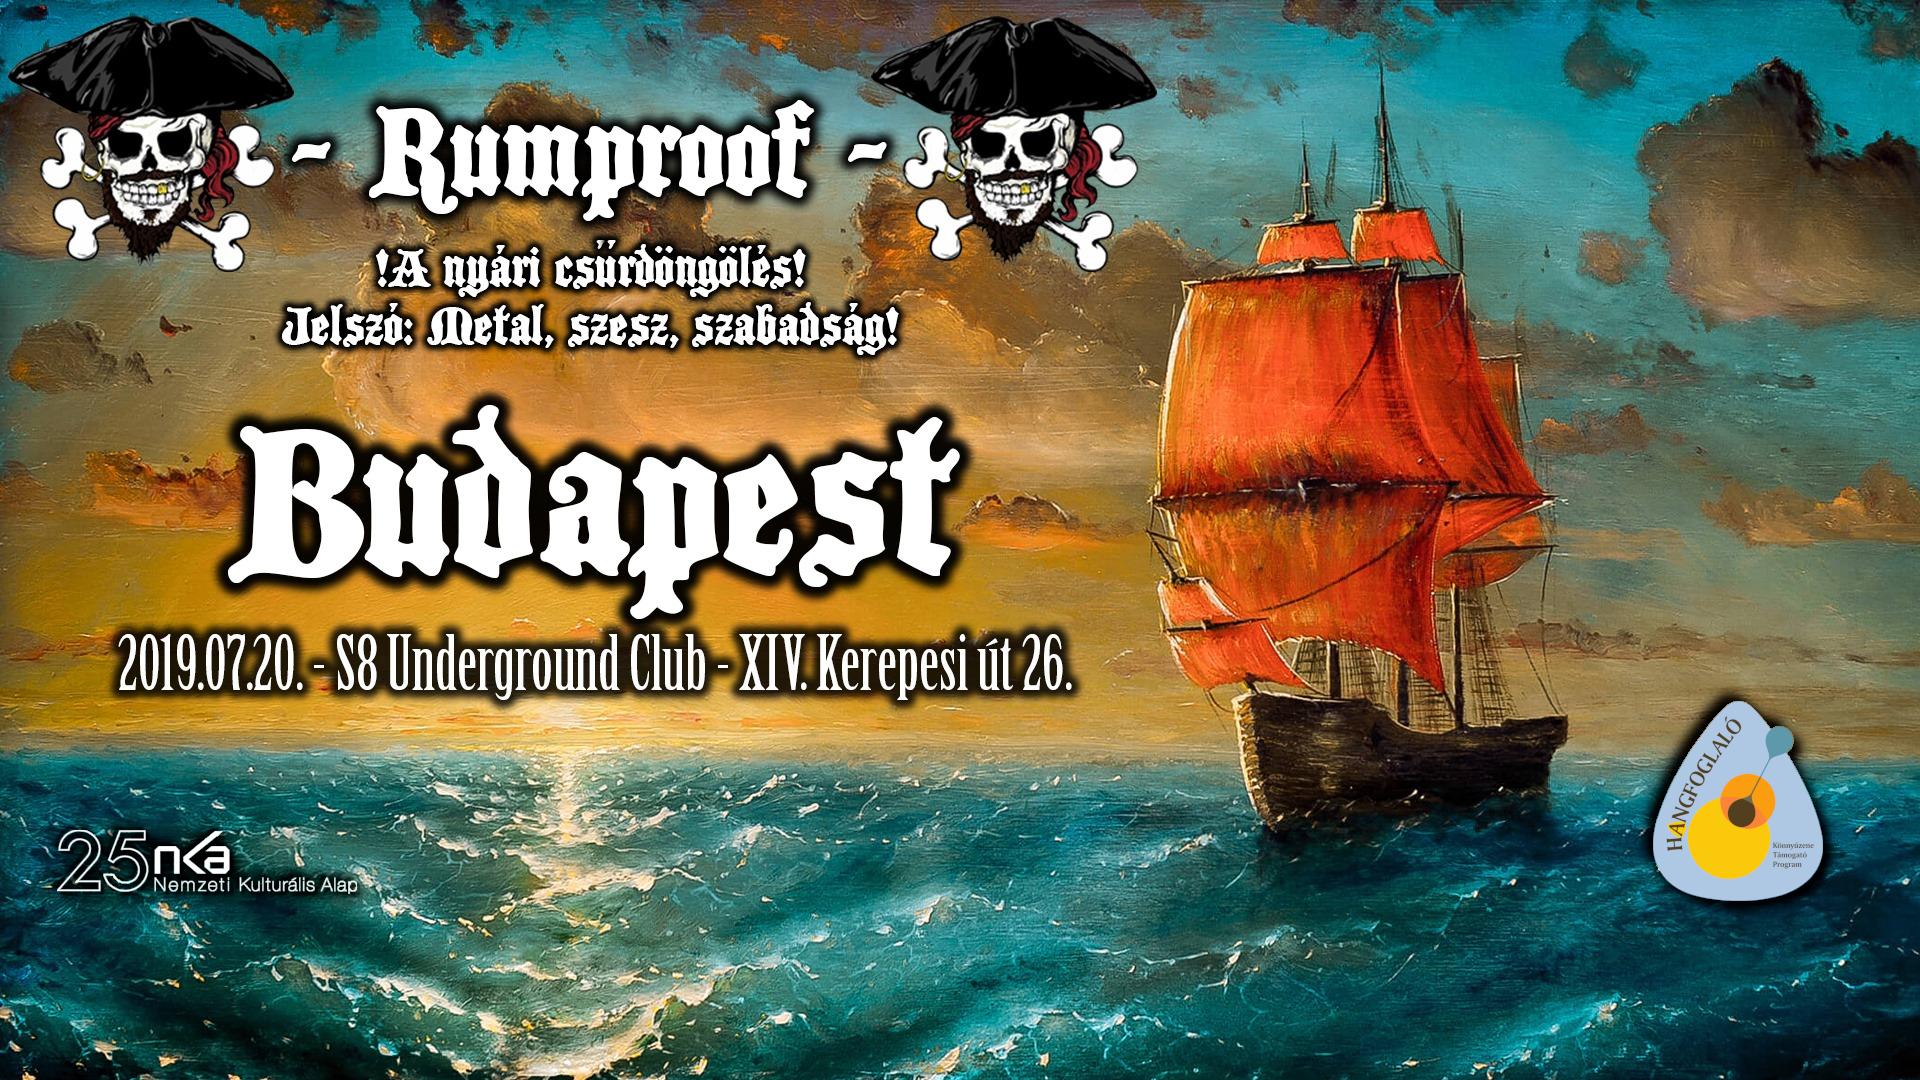 A nyári csűrdöngölés - S8 Underground Club I Rumproof